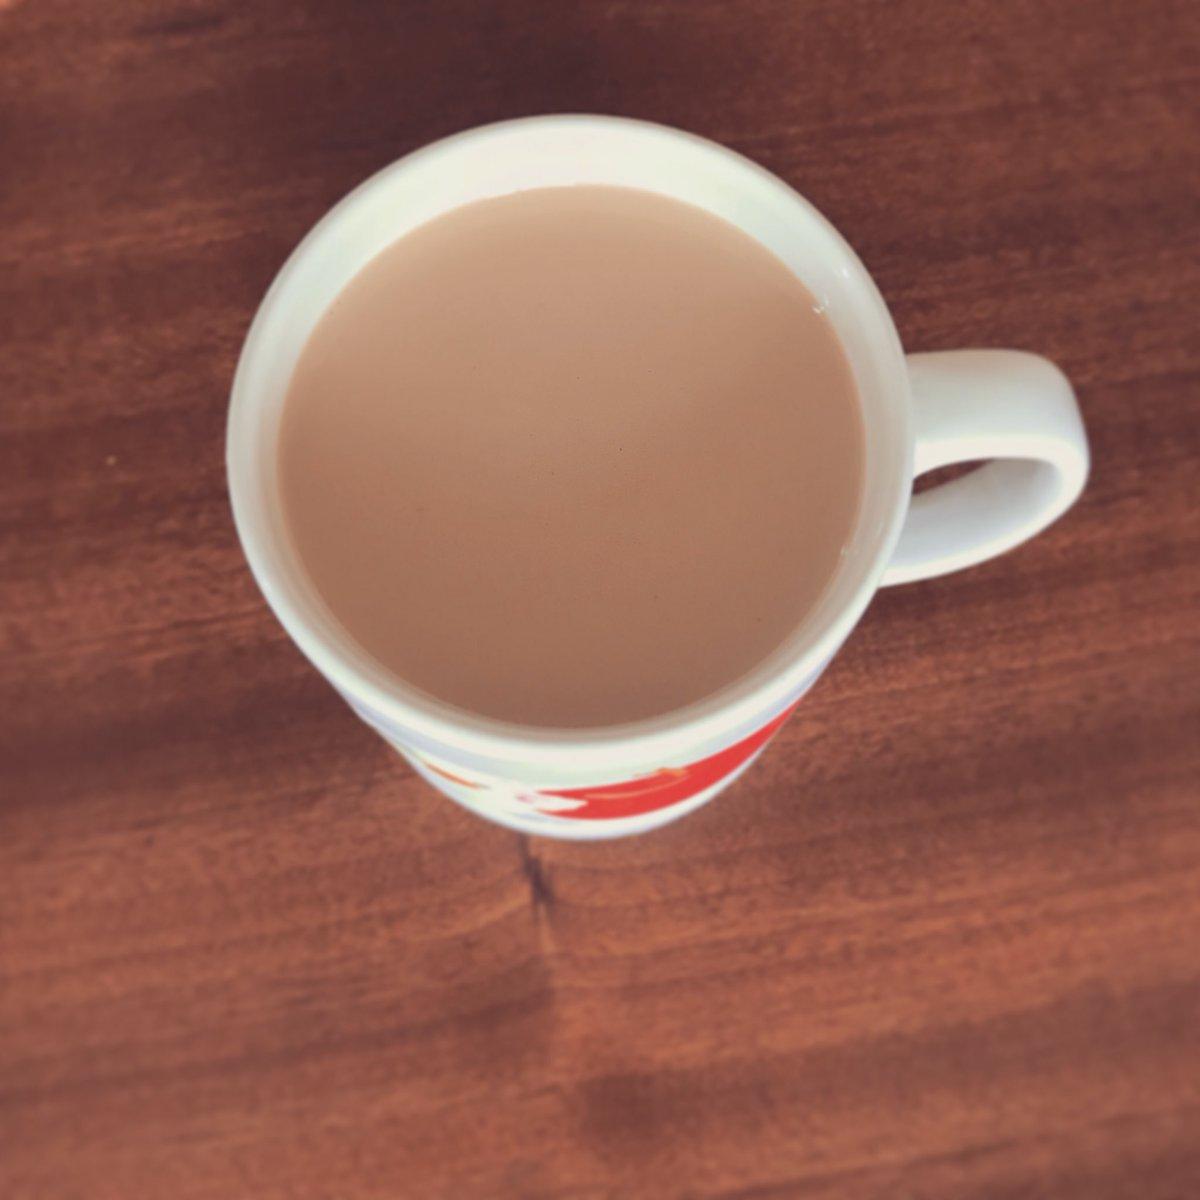 挽いたコーヒー豆を(お茶パックにいれて)ミルクに一晩ひたしてつくるミルクコールドブリューを教わってハマっているのですが、黒糖とシナモンの枝も一緒にいれておくととても美味しい魔法の飲みものに変身することがわかりました。